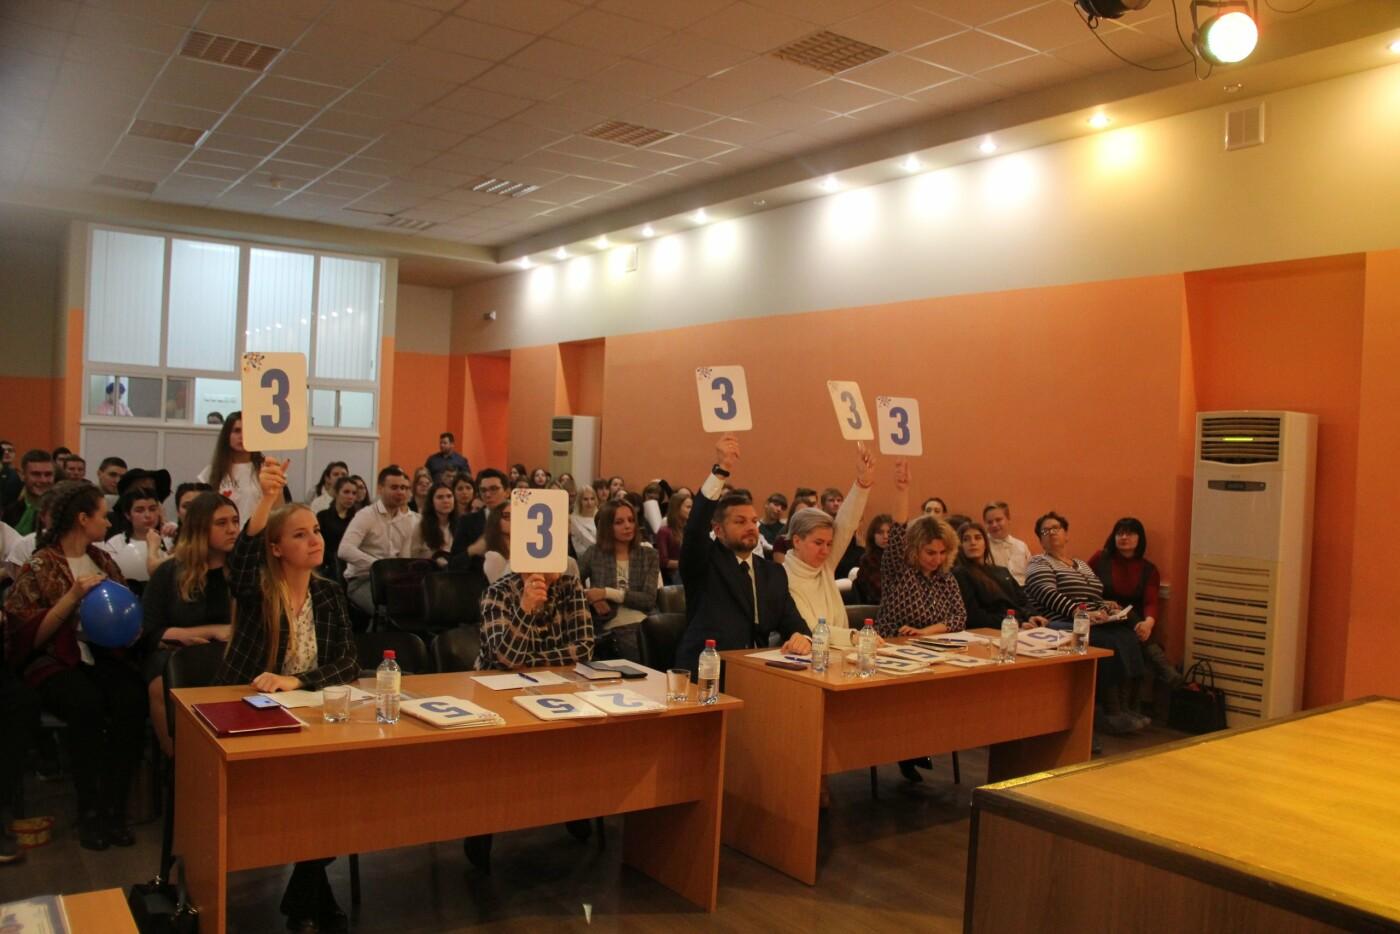 Команда Тамбовского филиала РАНХиГС получила призовое место в финале творческого конкурса, фото-1